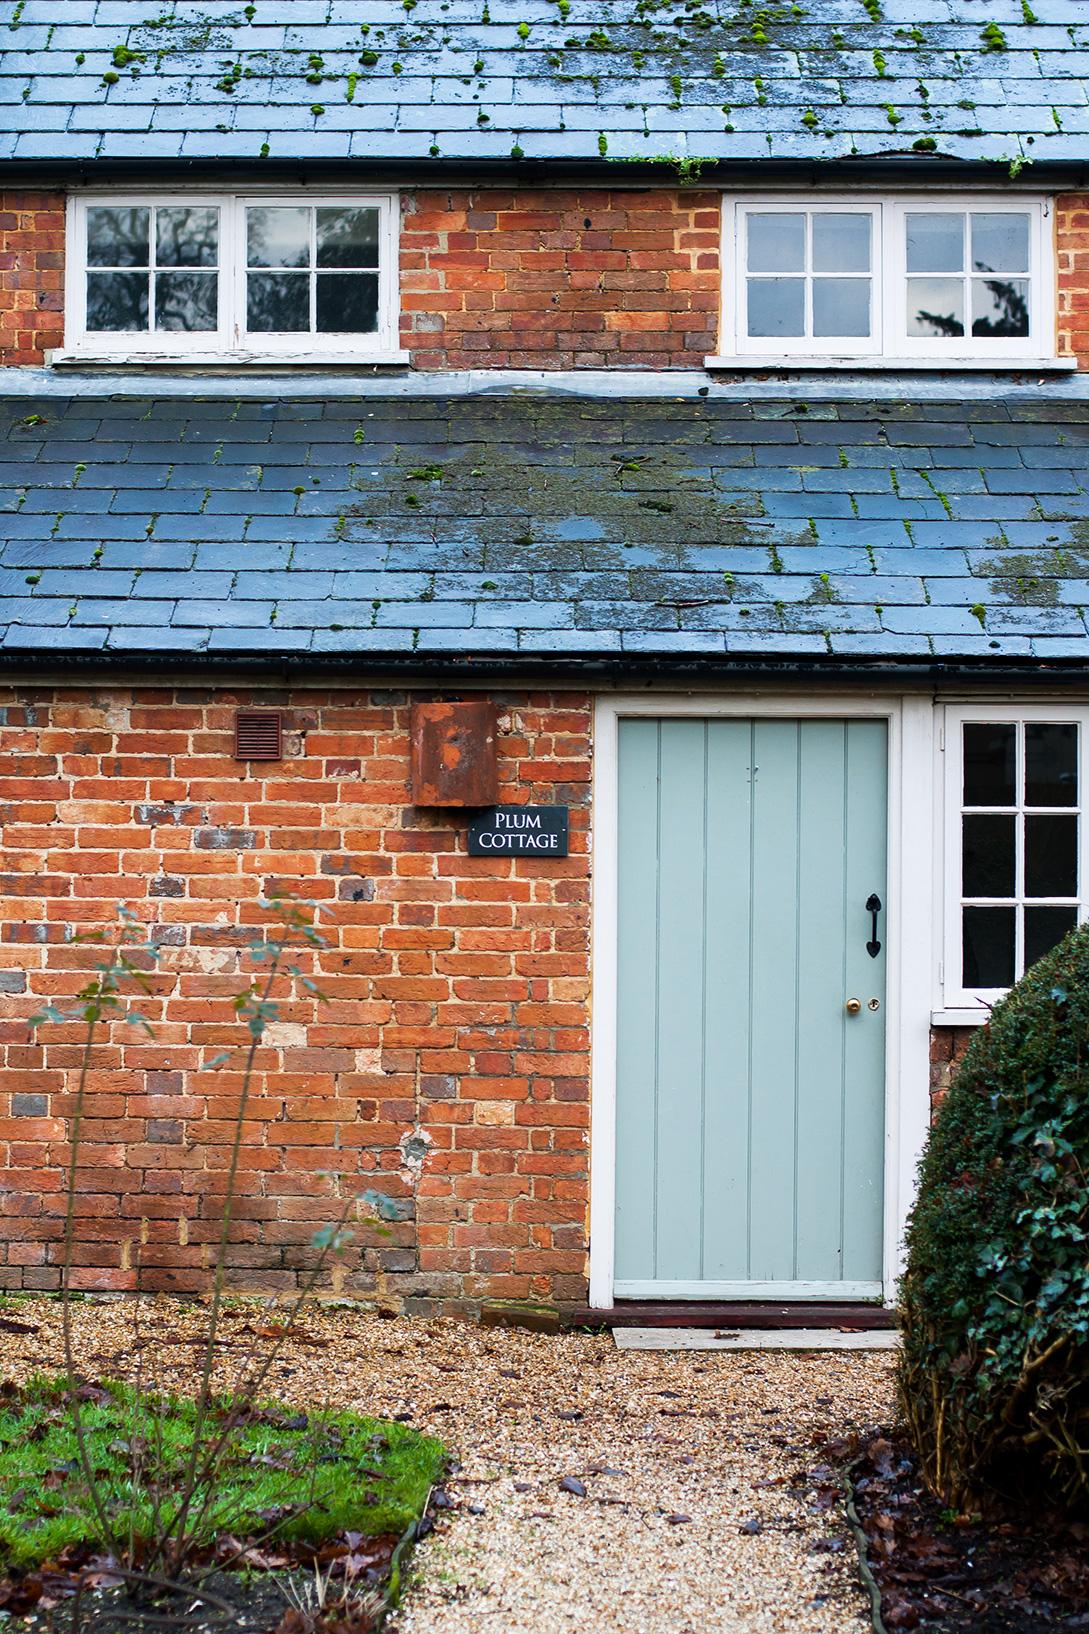 dean's court plum cottage